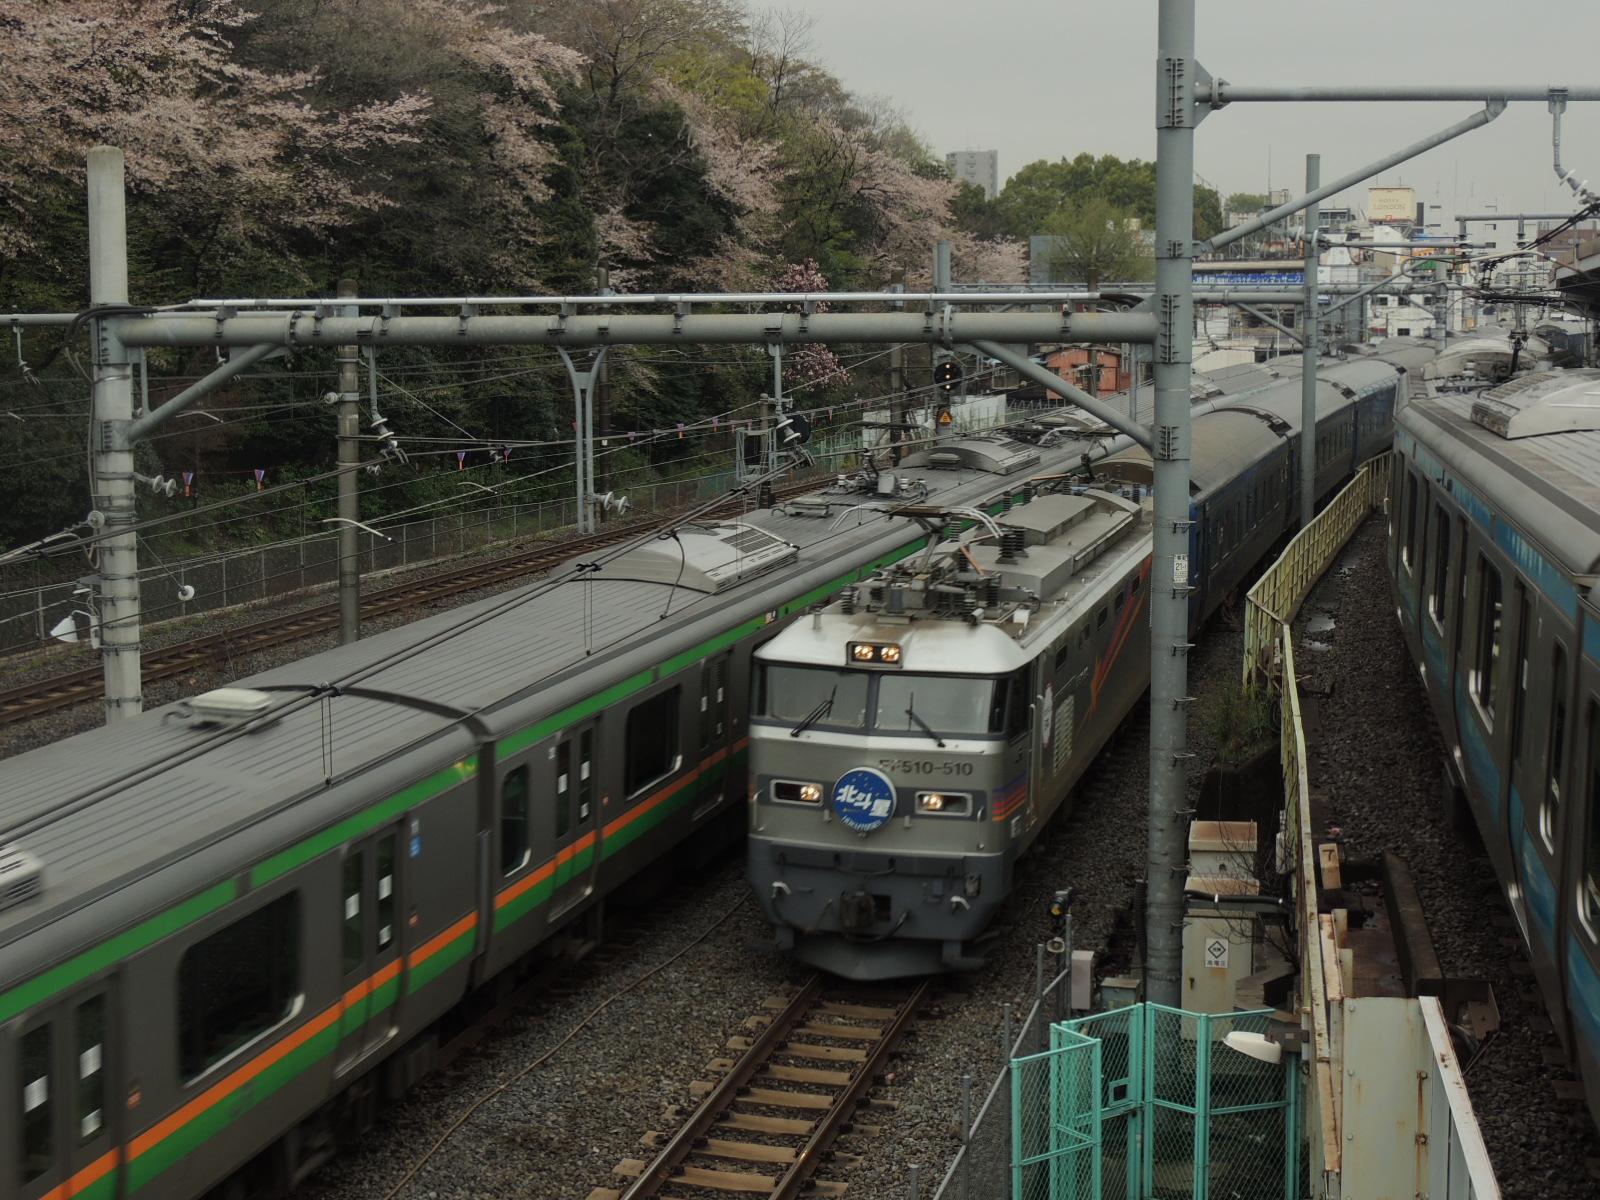 DSCN7442.jpg